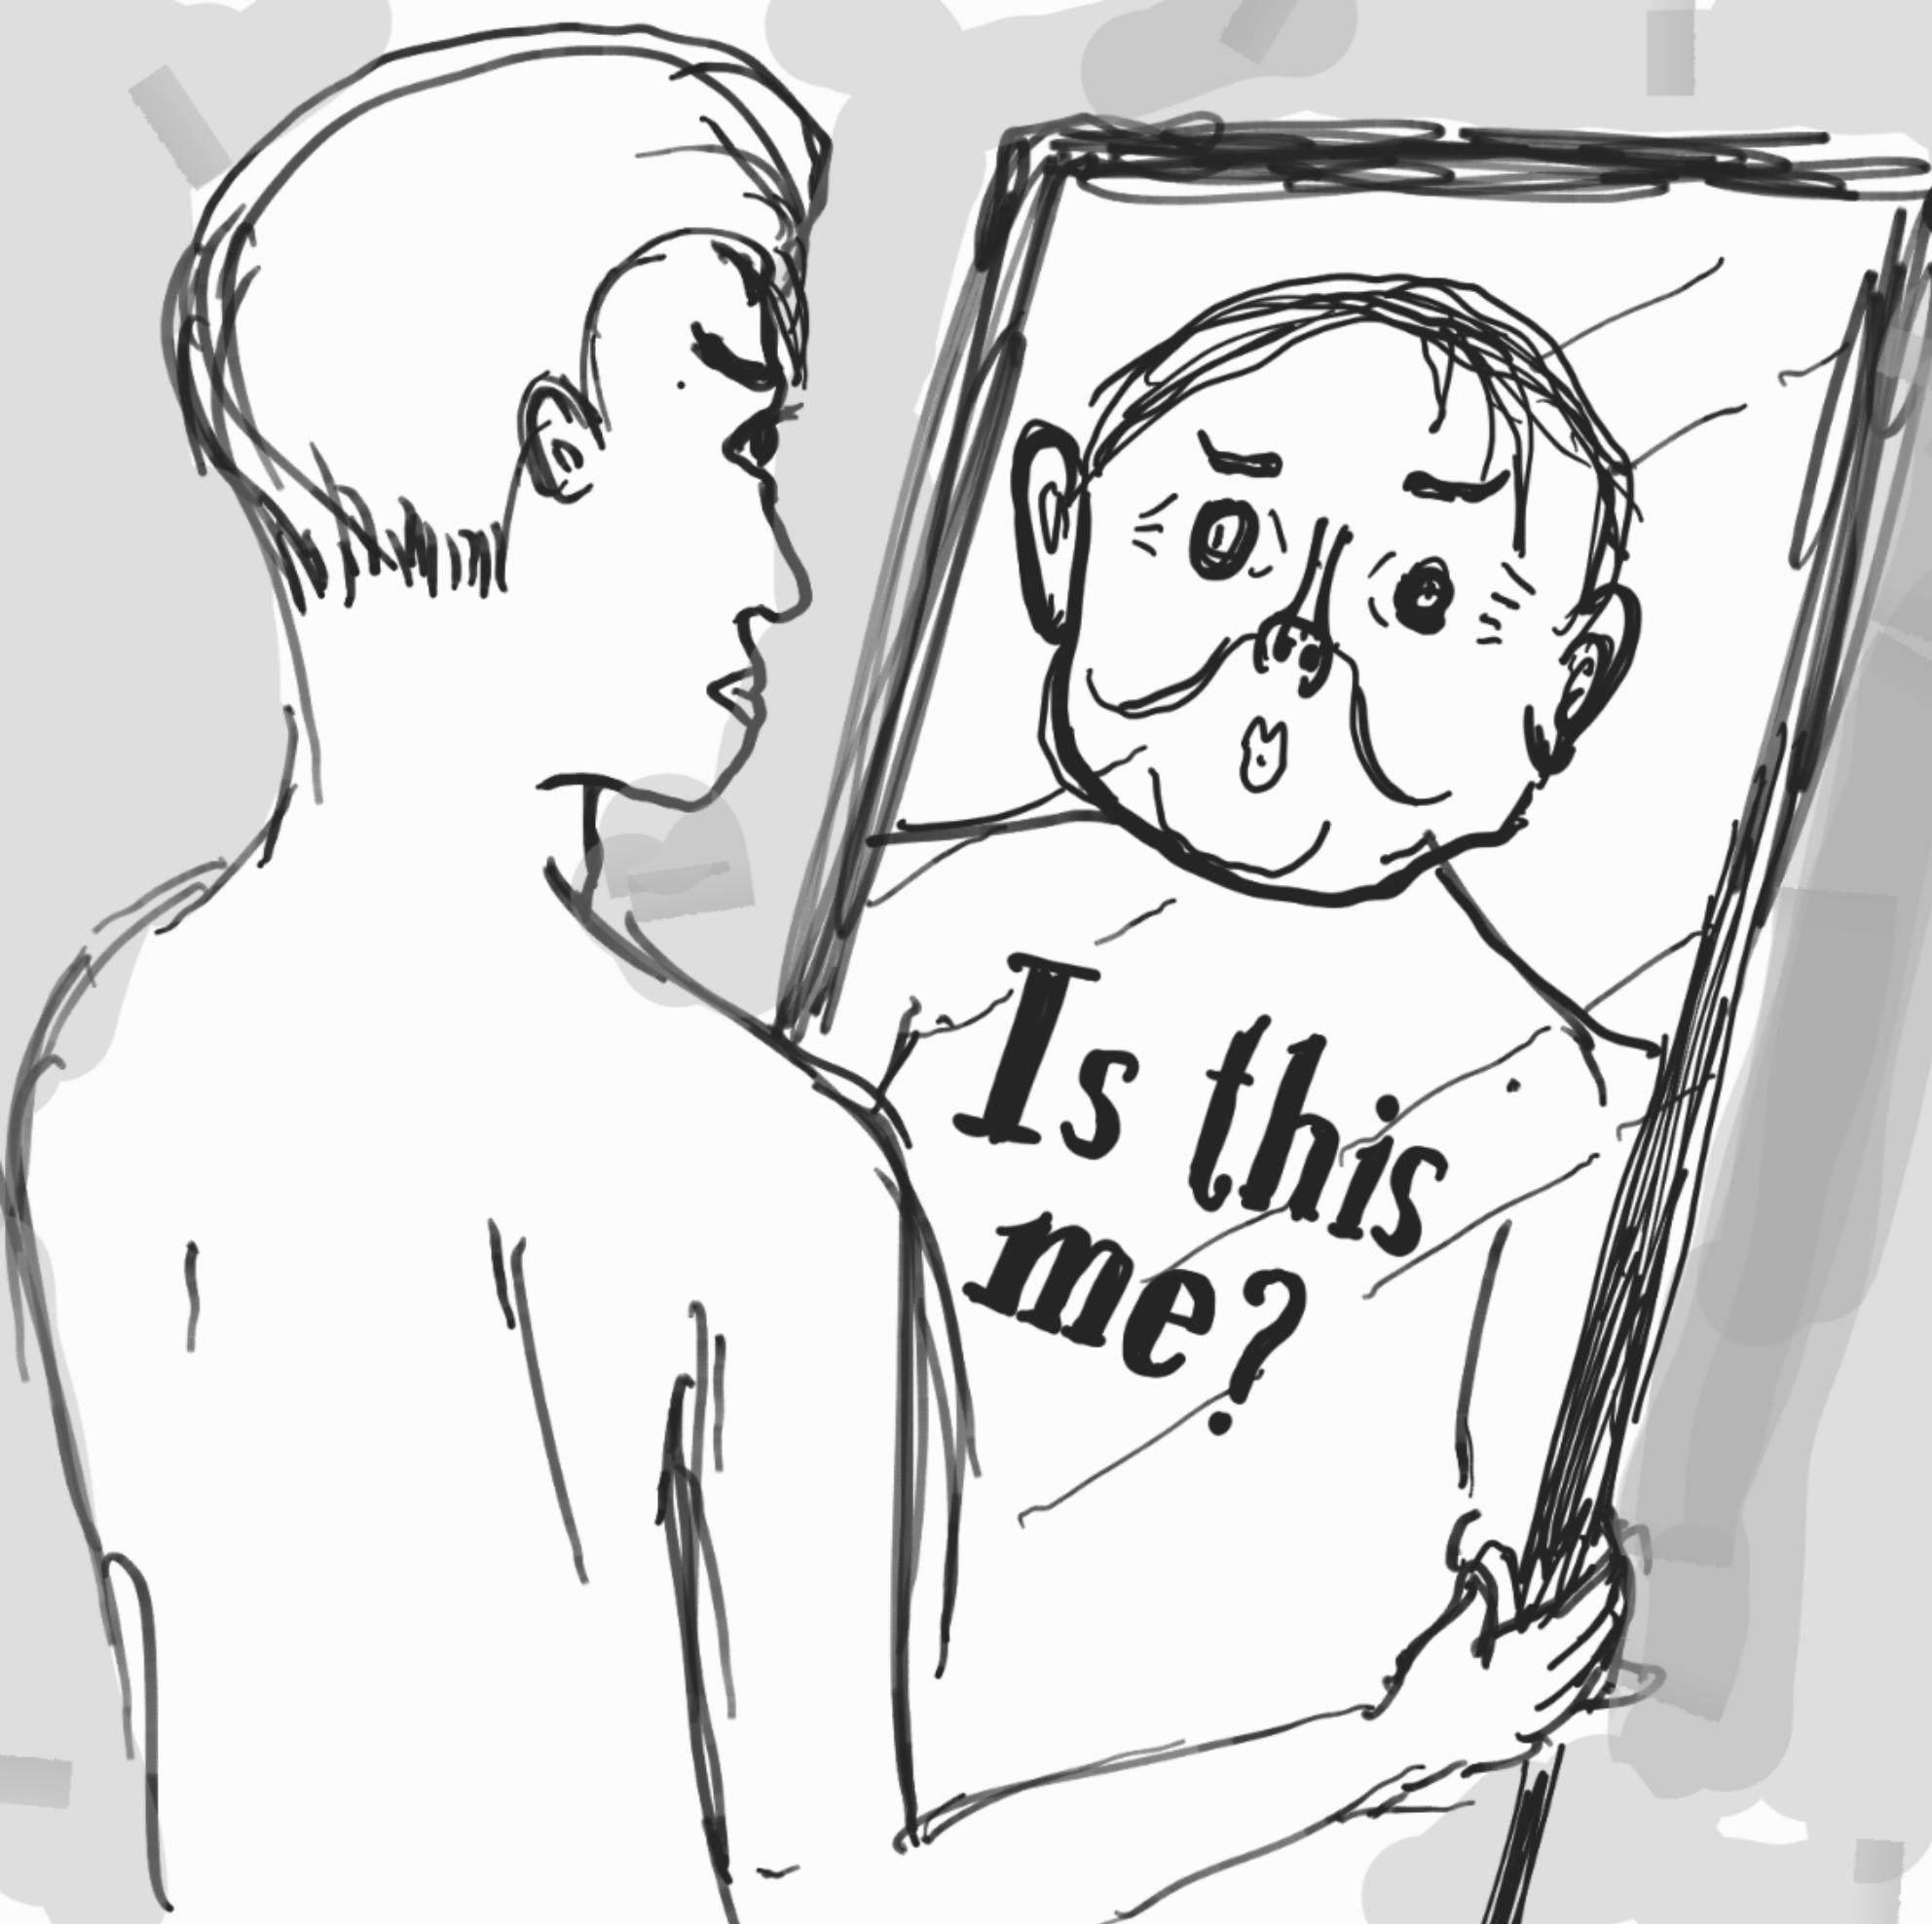 Vücut dismorfik bozukluğu nedir? tanımı, ölçütleri ve teşhisi - 2021